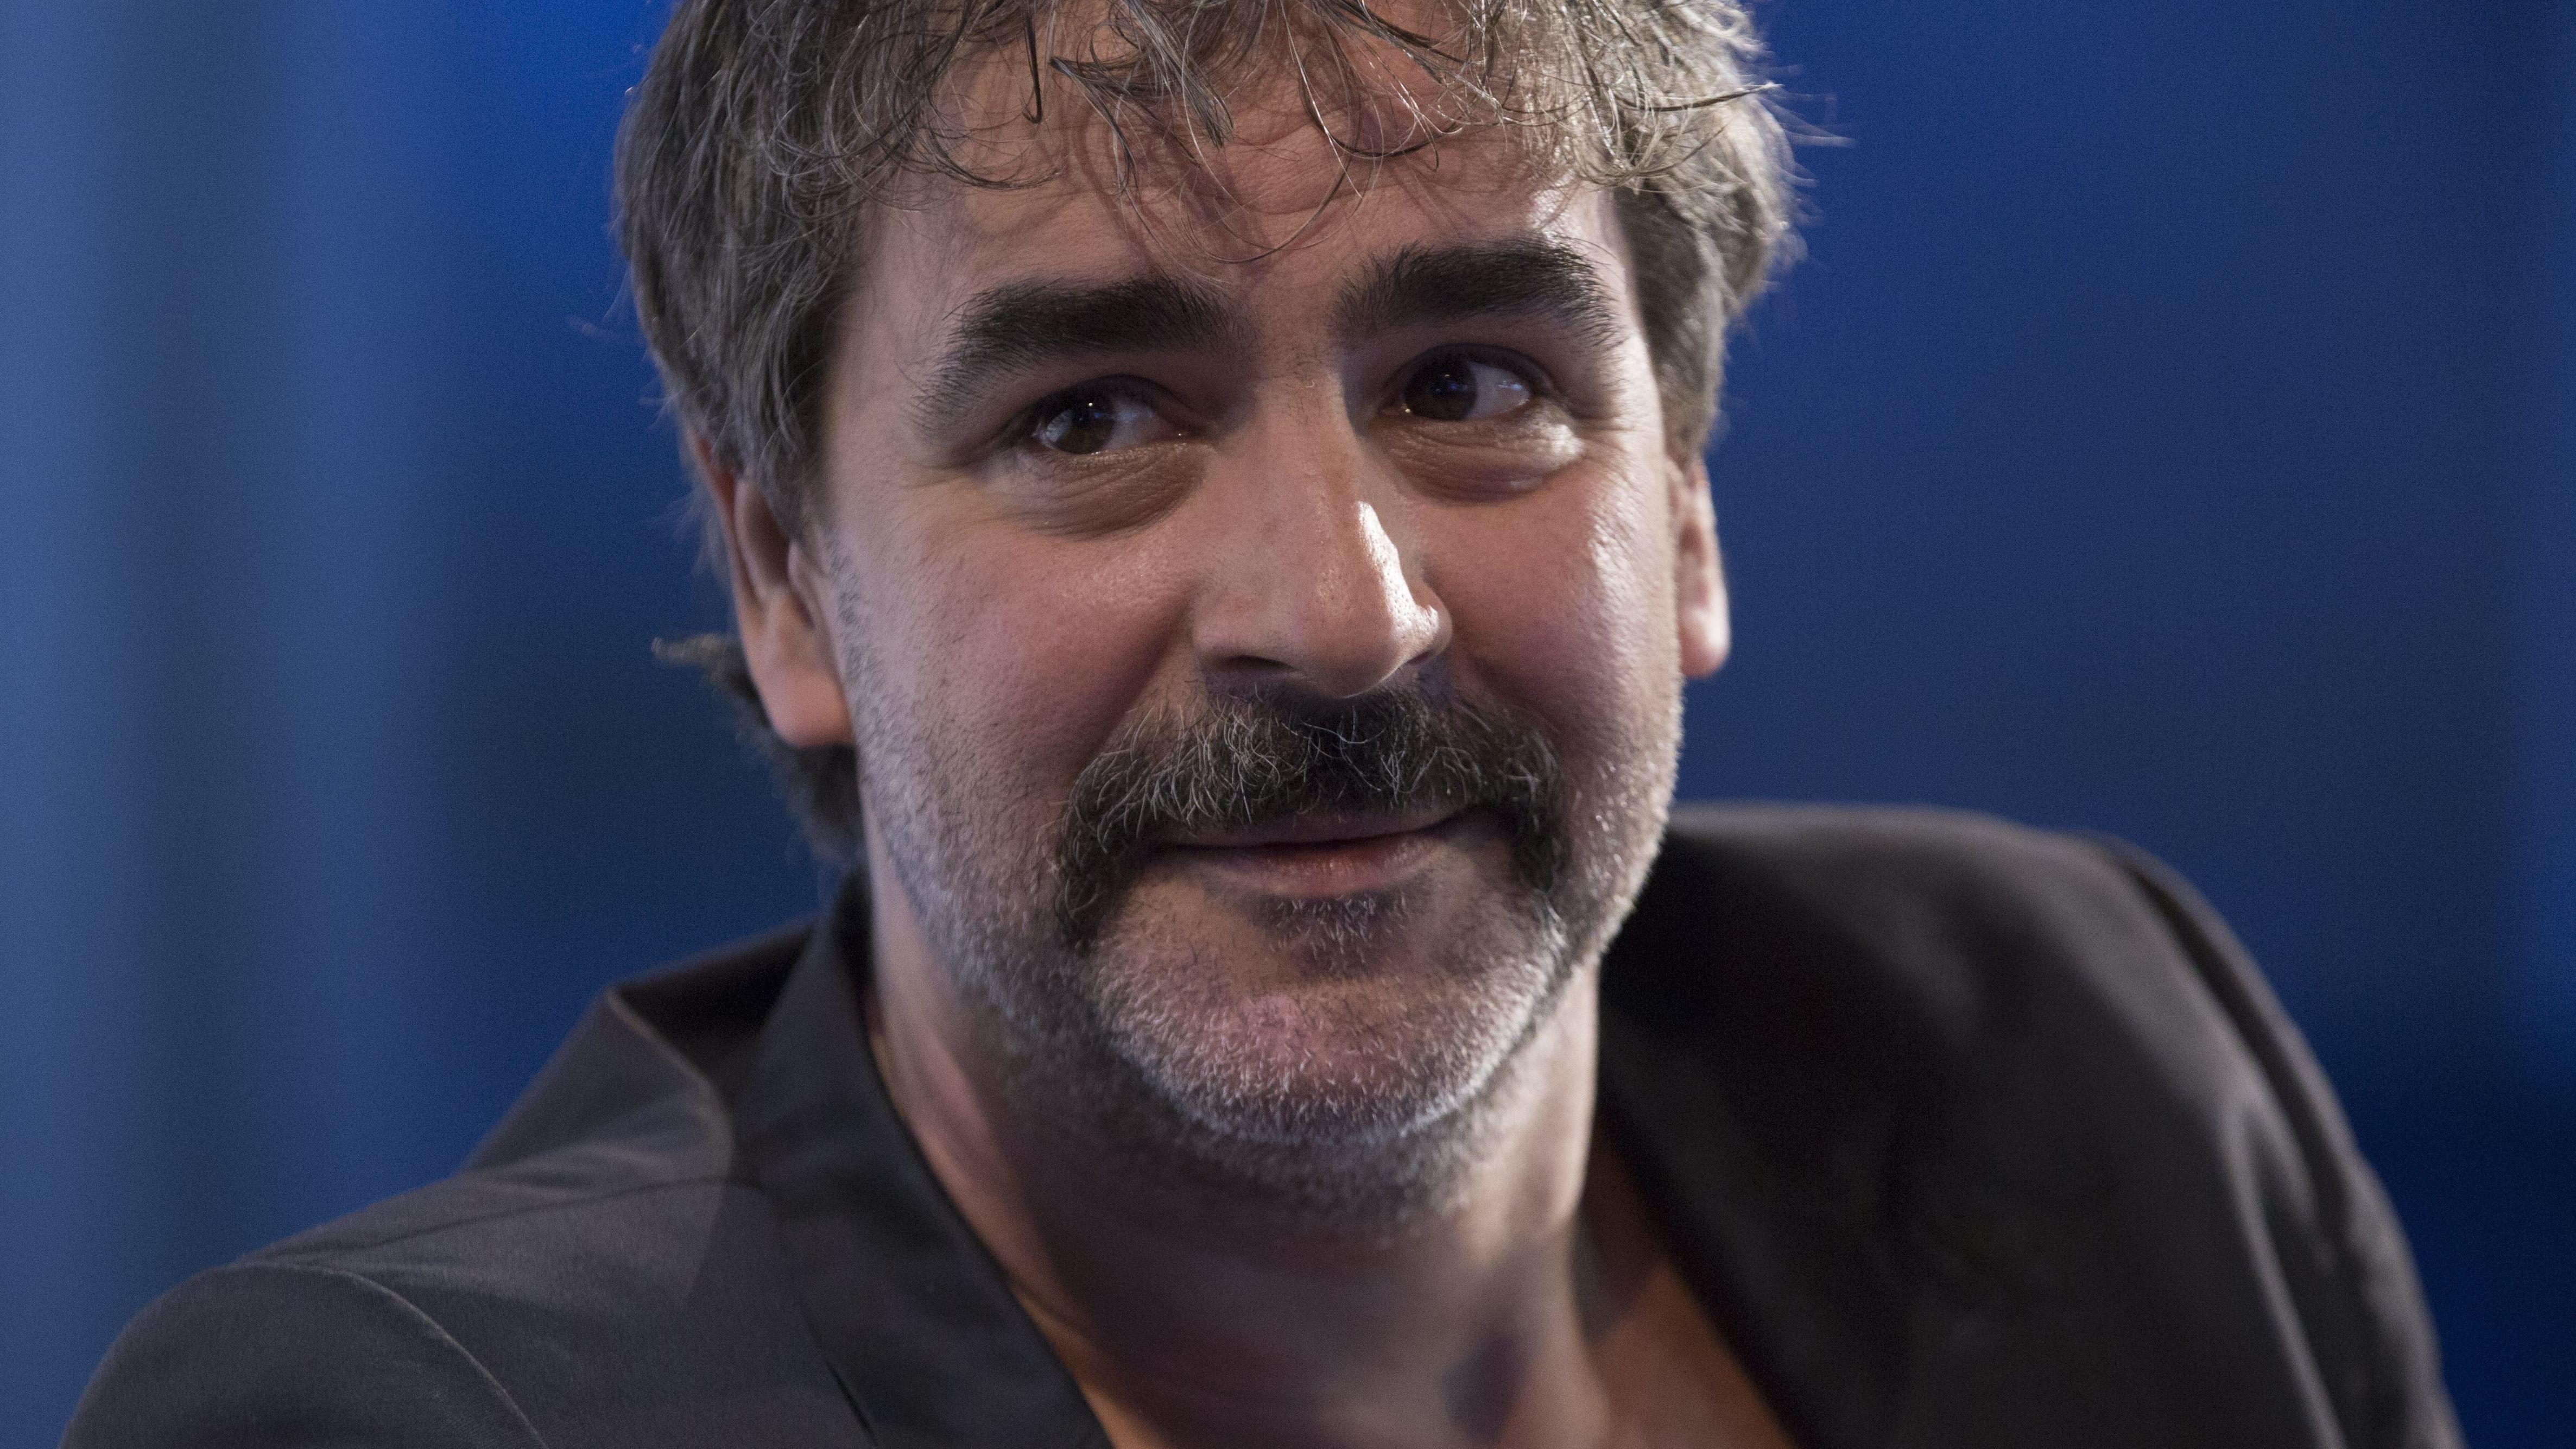 Journalist und Autor Deniz Yücel blickt vor blauem Hintergrund vorsichtig lächelnd aus dem Bild heraus